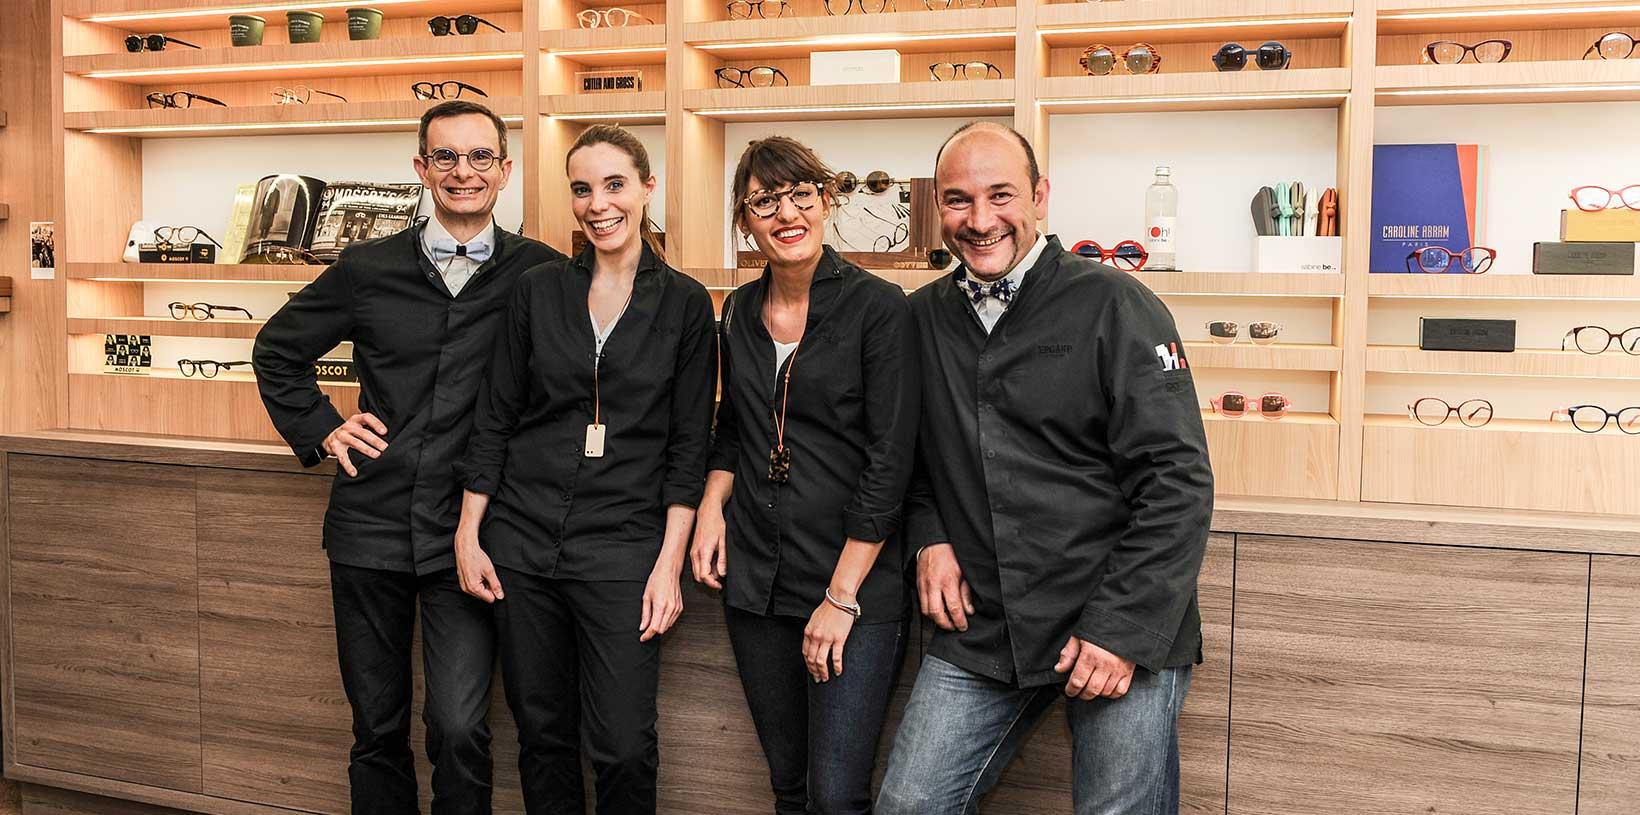 Edgard Opticiens Orléans équipe